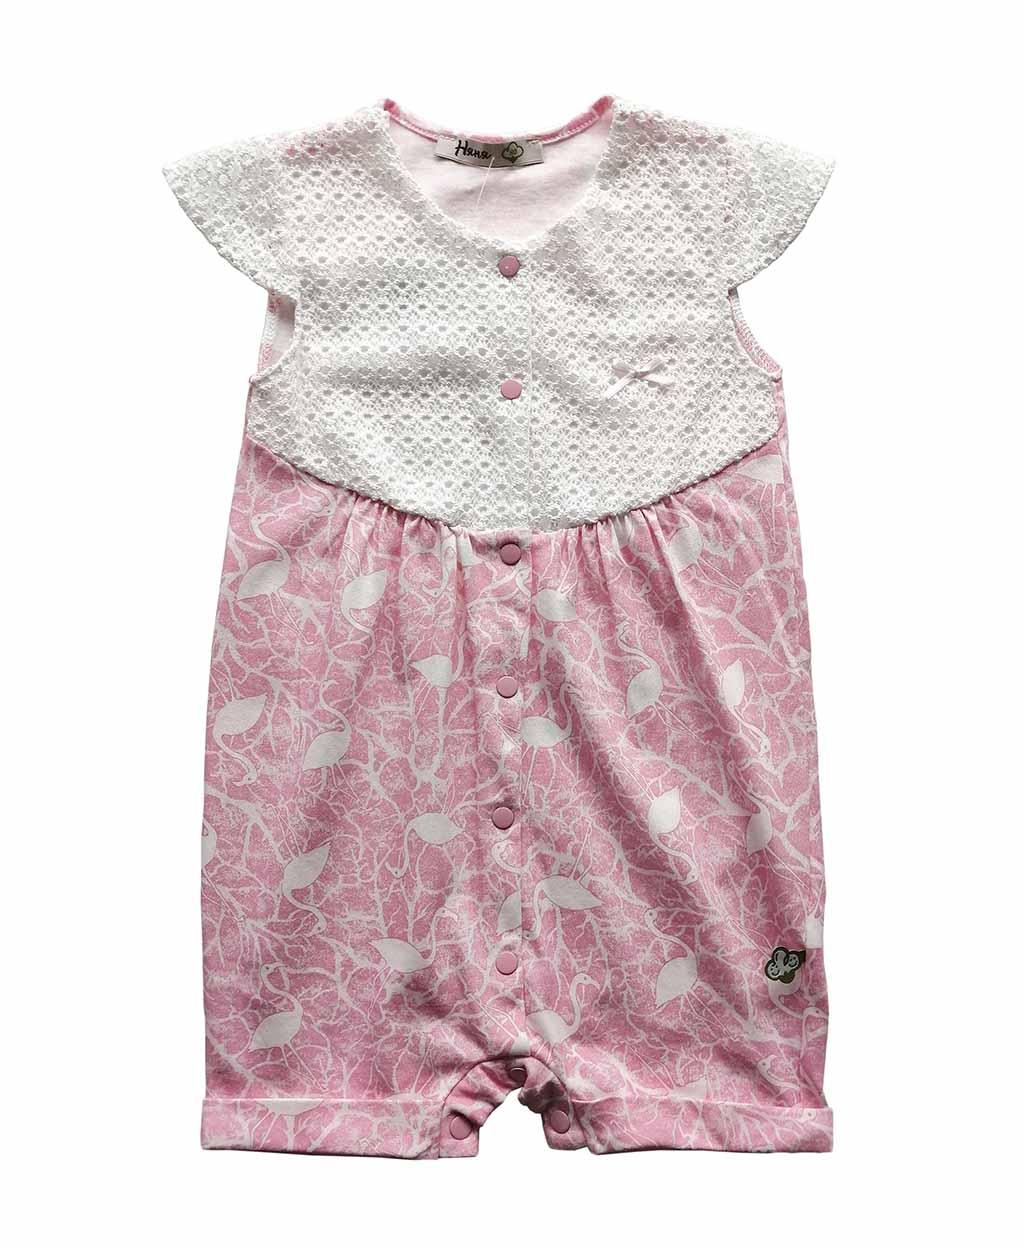 19664 Песочник д/девочки Фламинго (62-80 кулир, кружево)